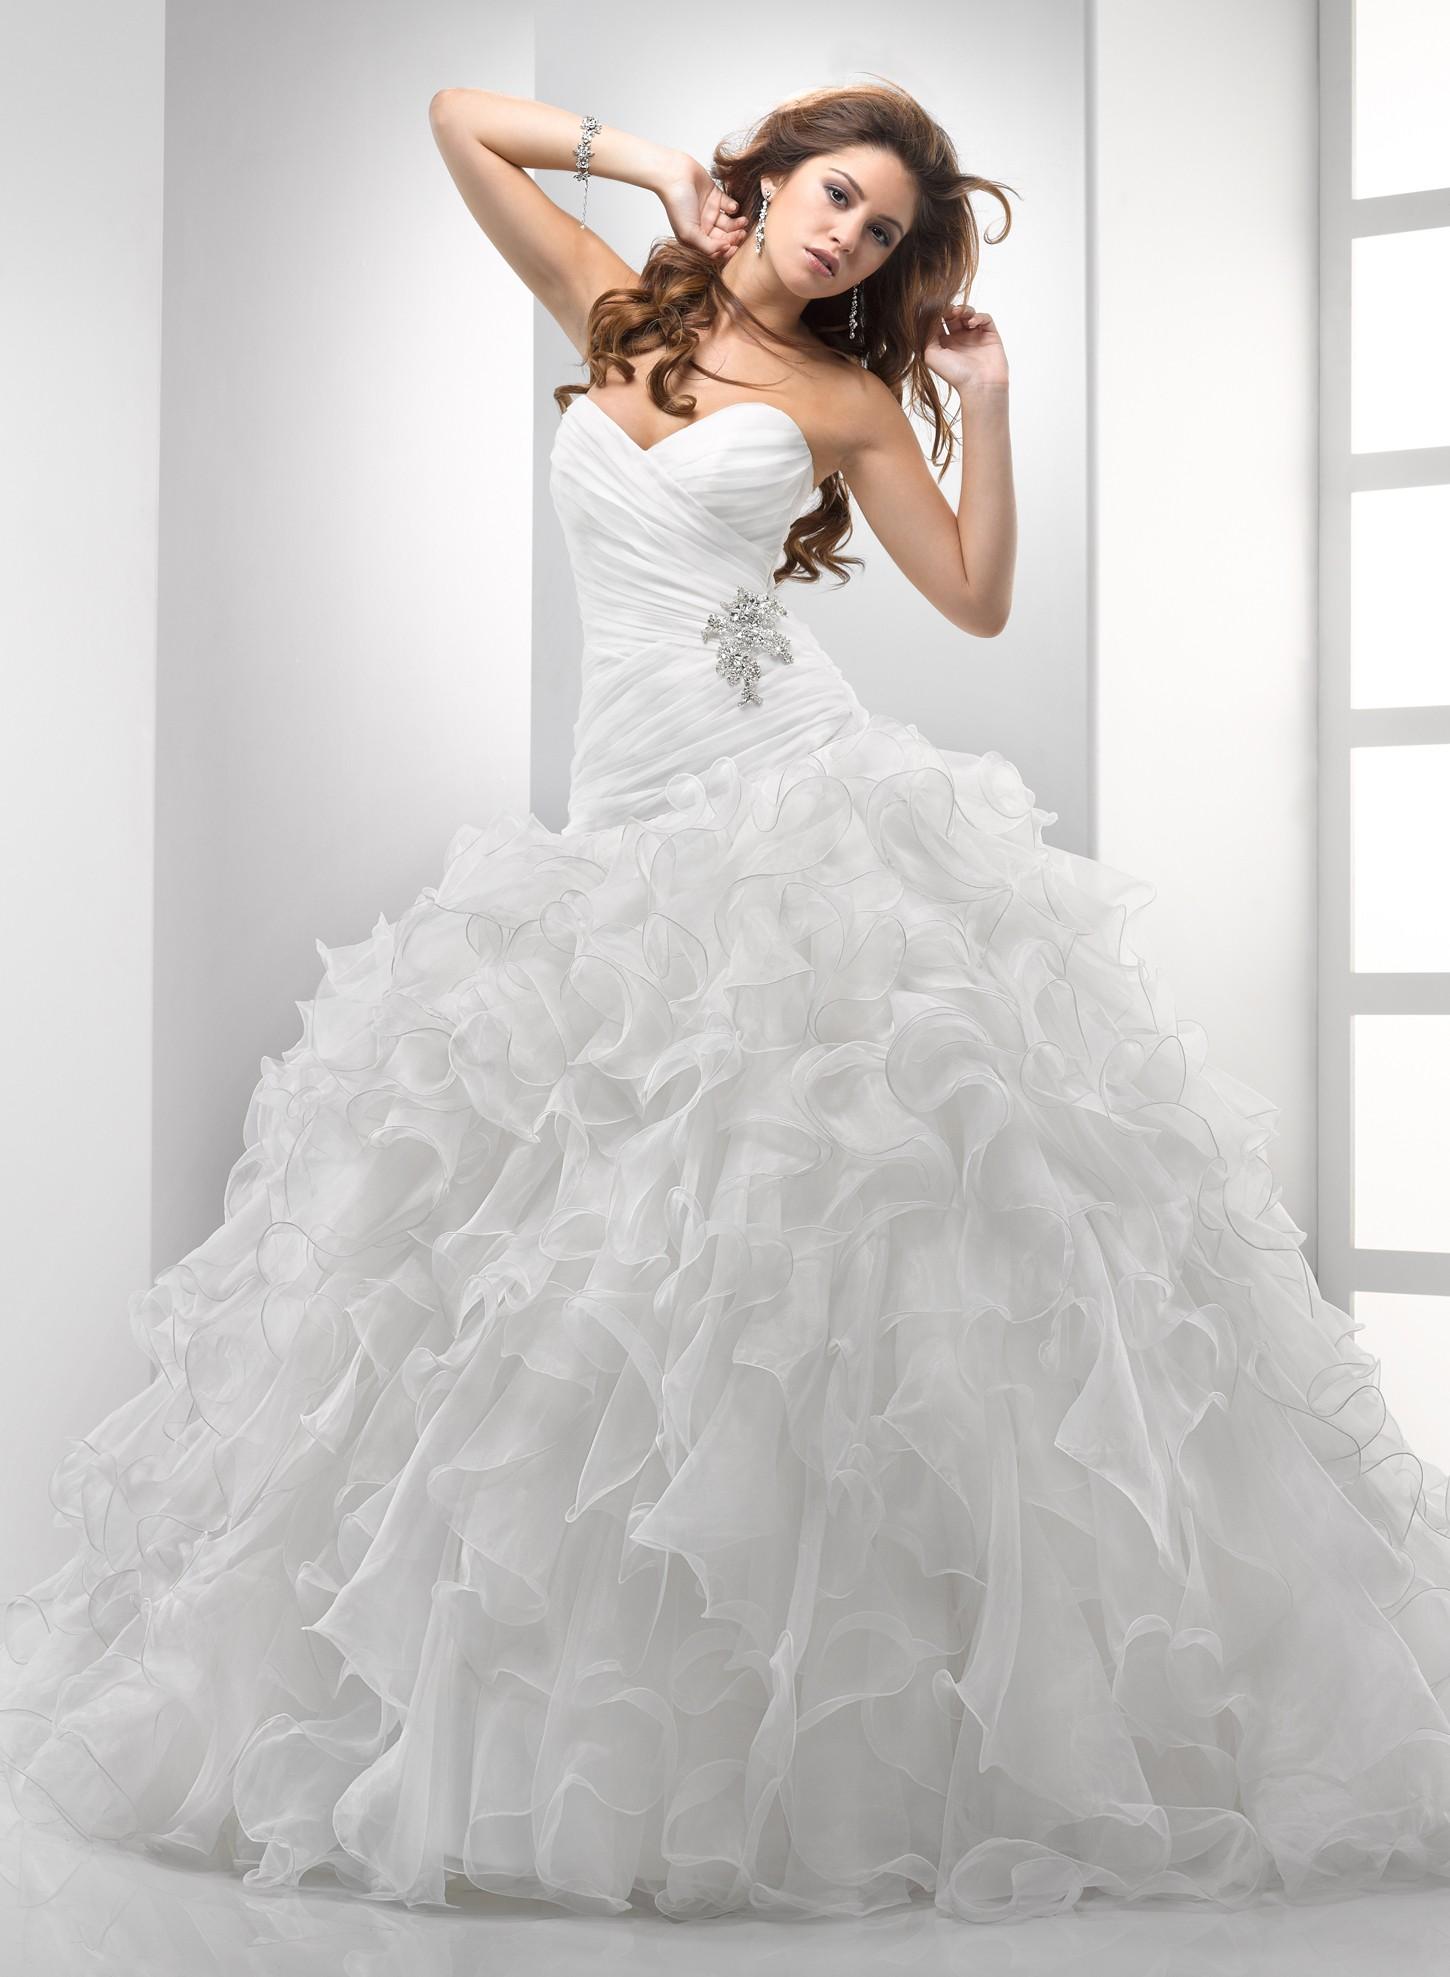 wedding dress jamaican wedding dresses Ball Gown Wedding Dress